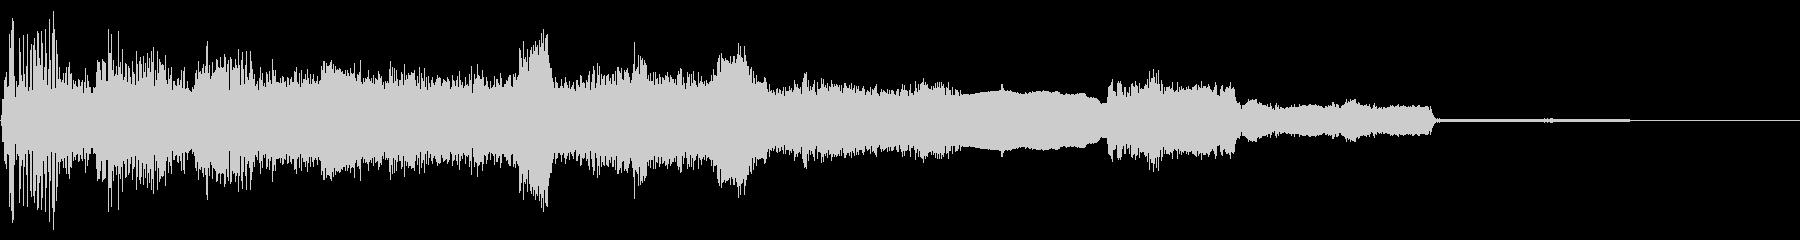 エレキギターによるアイキャッチの未再生の波形